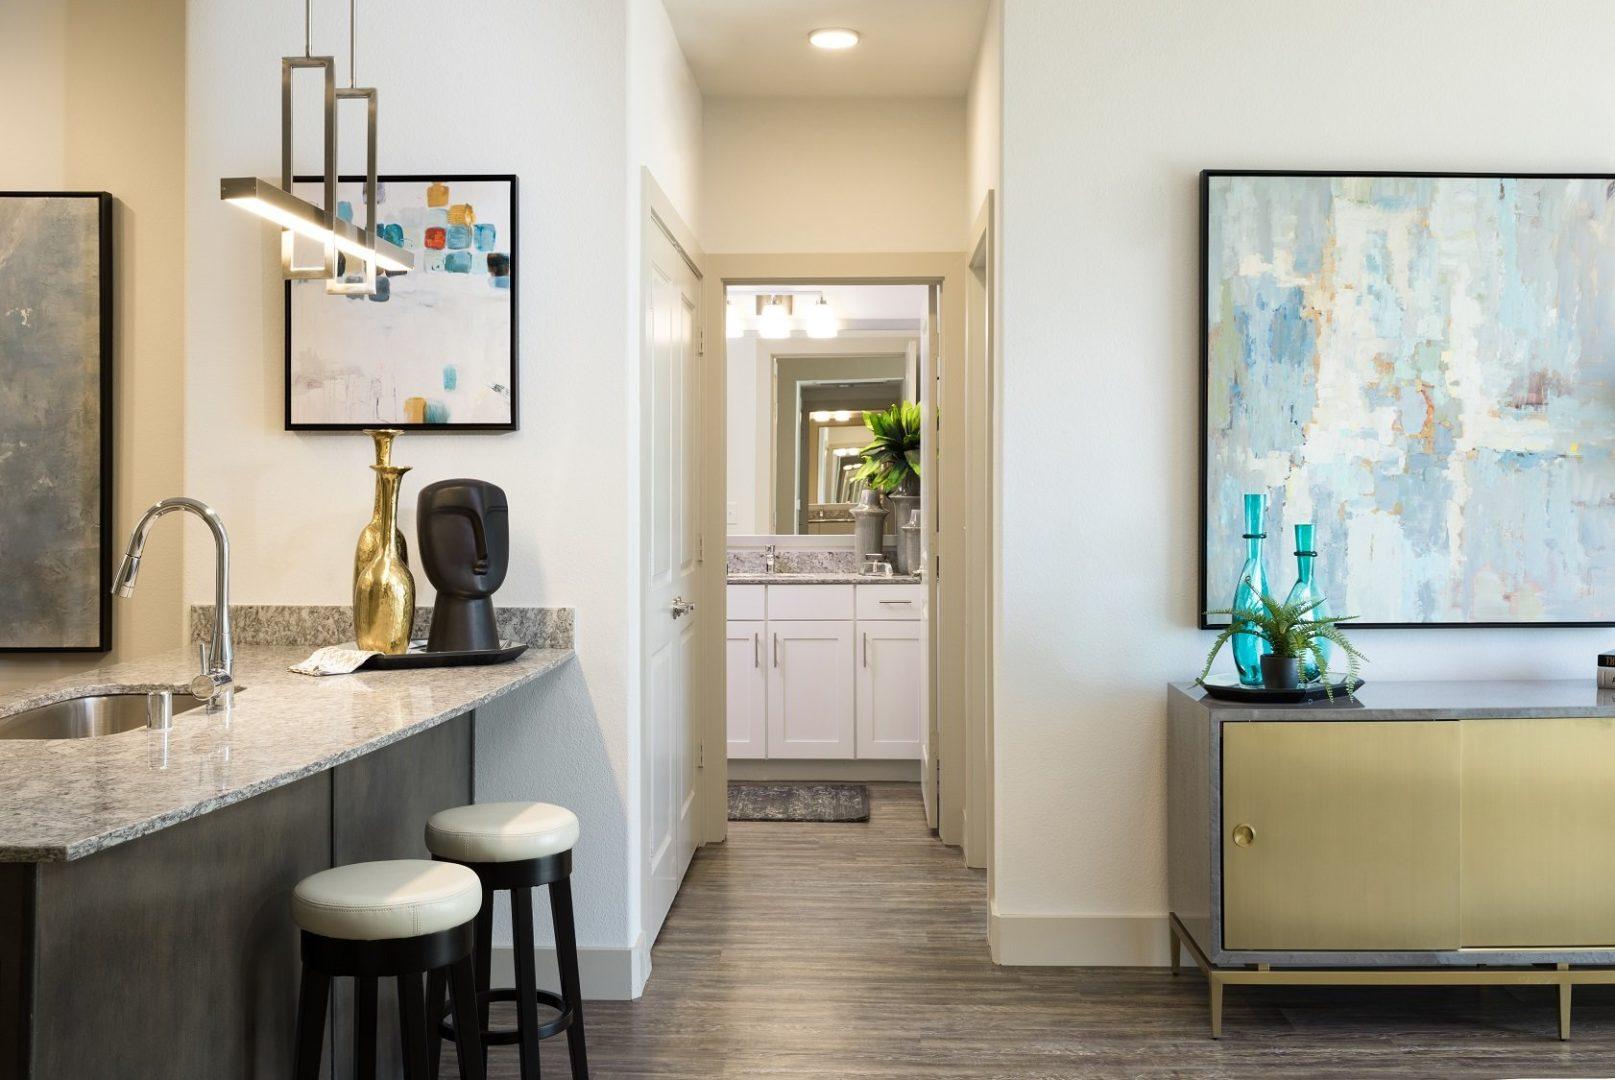 plano apartment locator